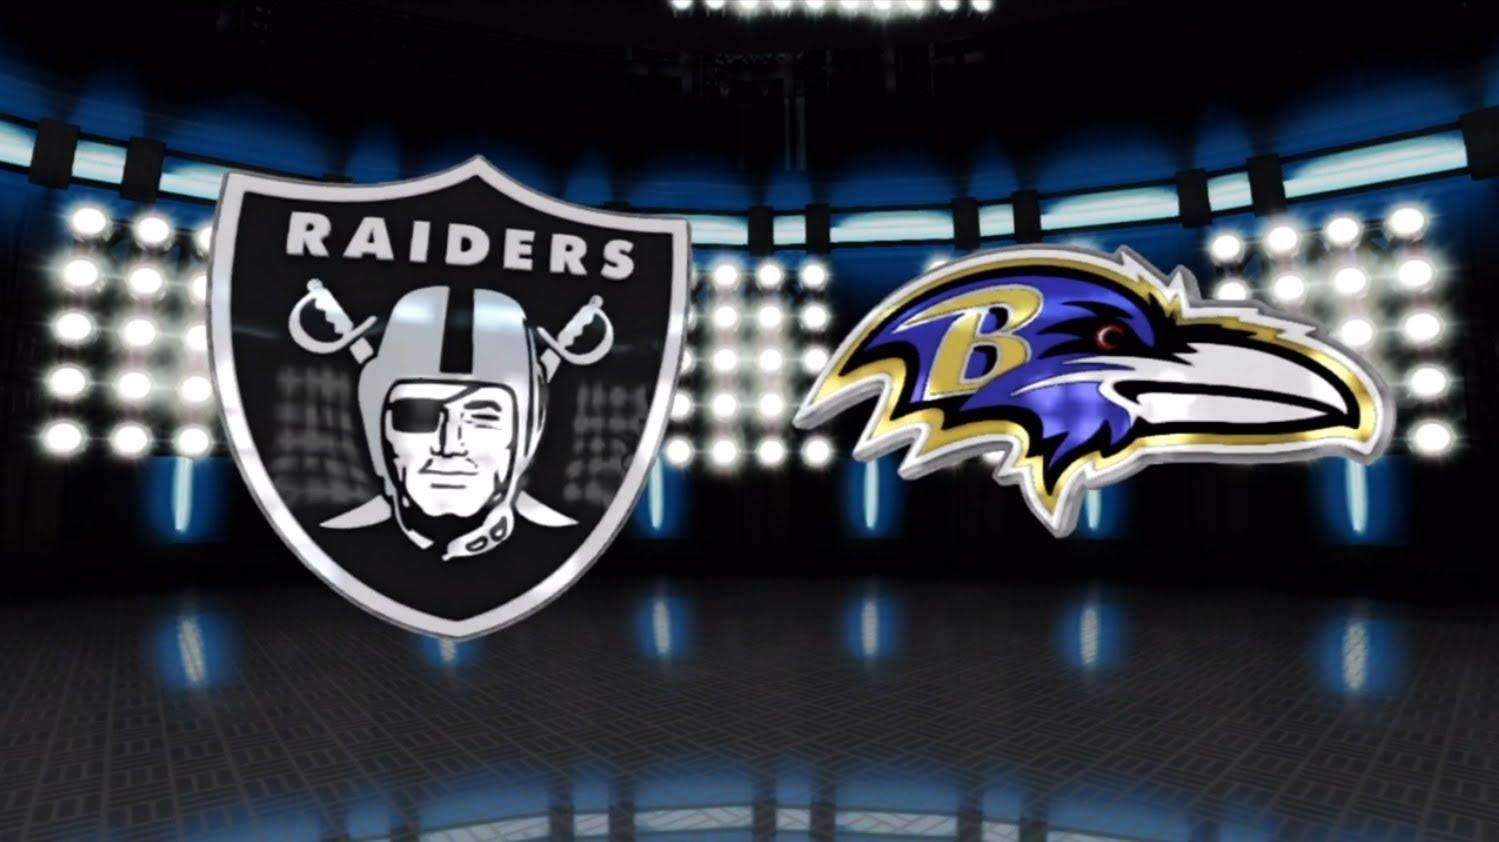 Image result for Oakland Raiders vs. Baltimore Ravens